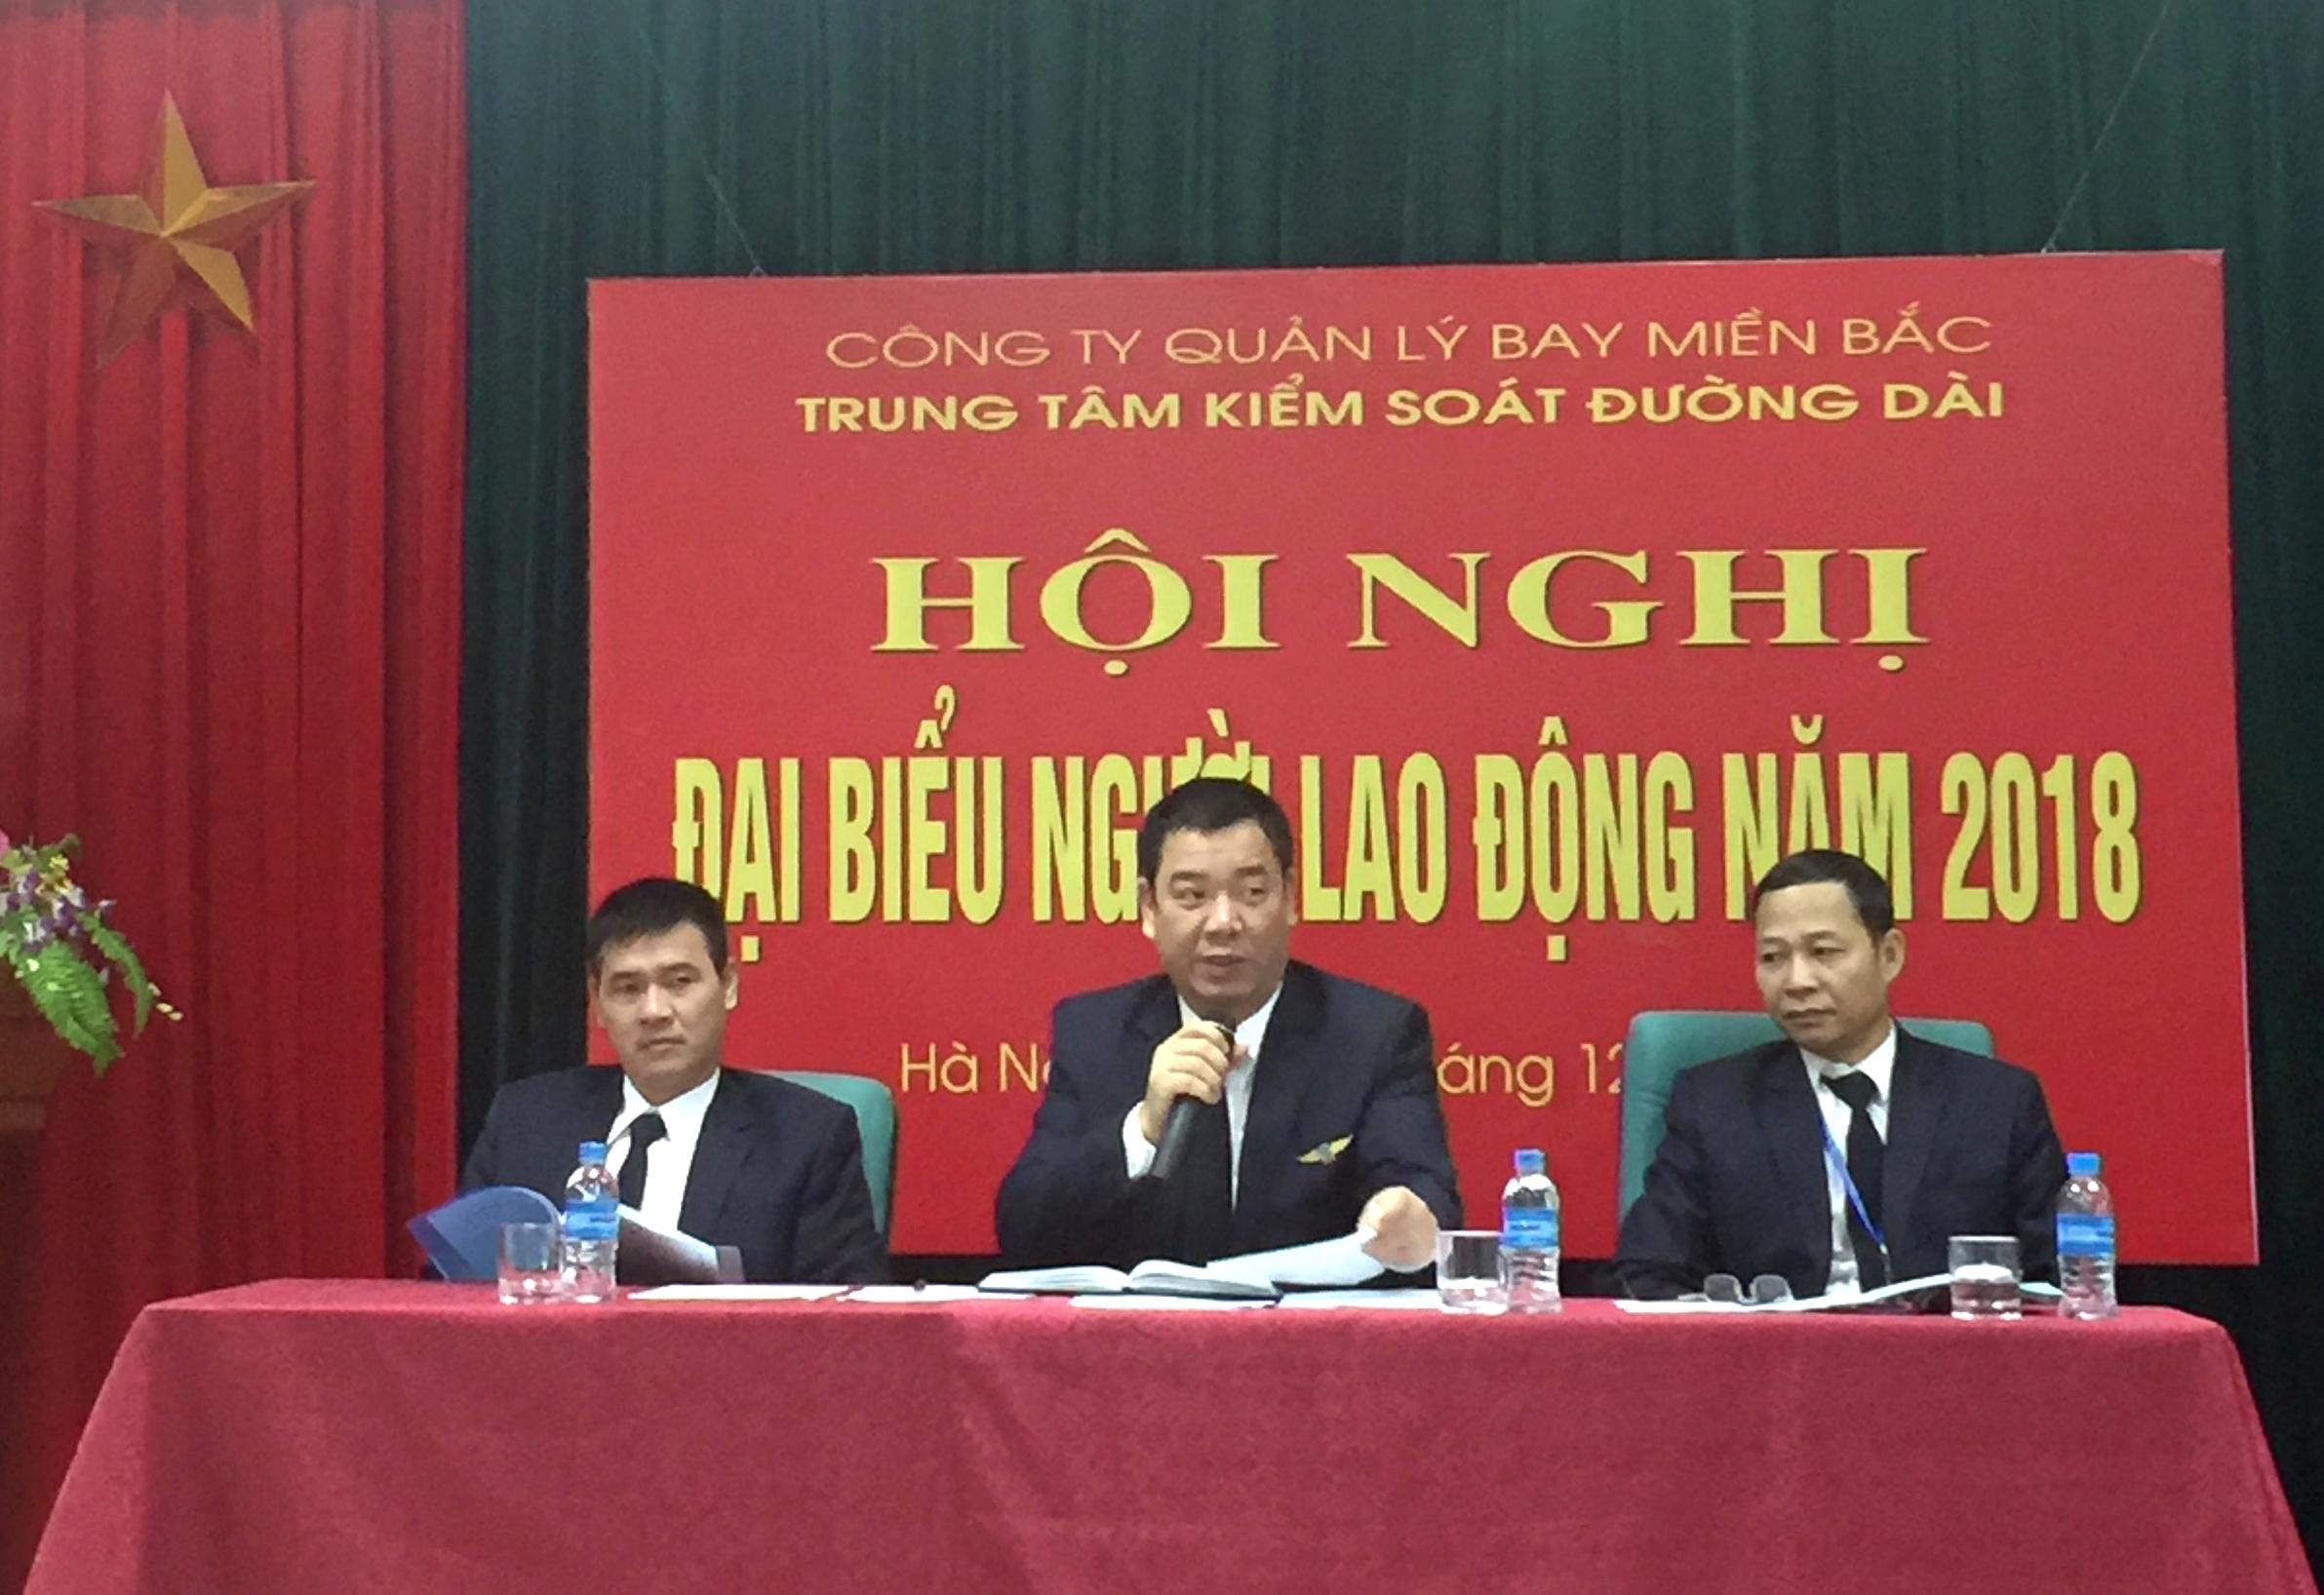 Trung tâm Kiểm soát đường dài Hà Nội tổ chức Hội nghị Người lao động năm 2018